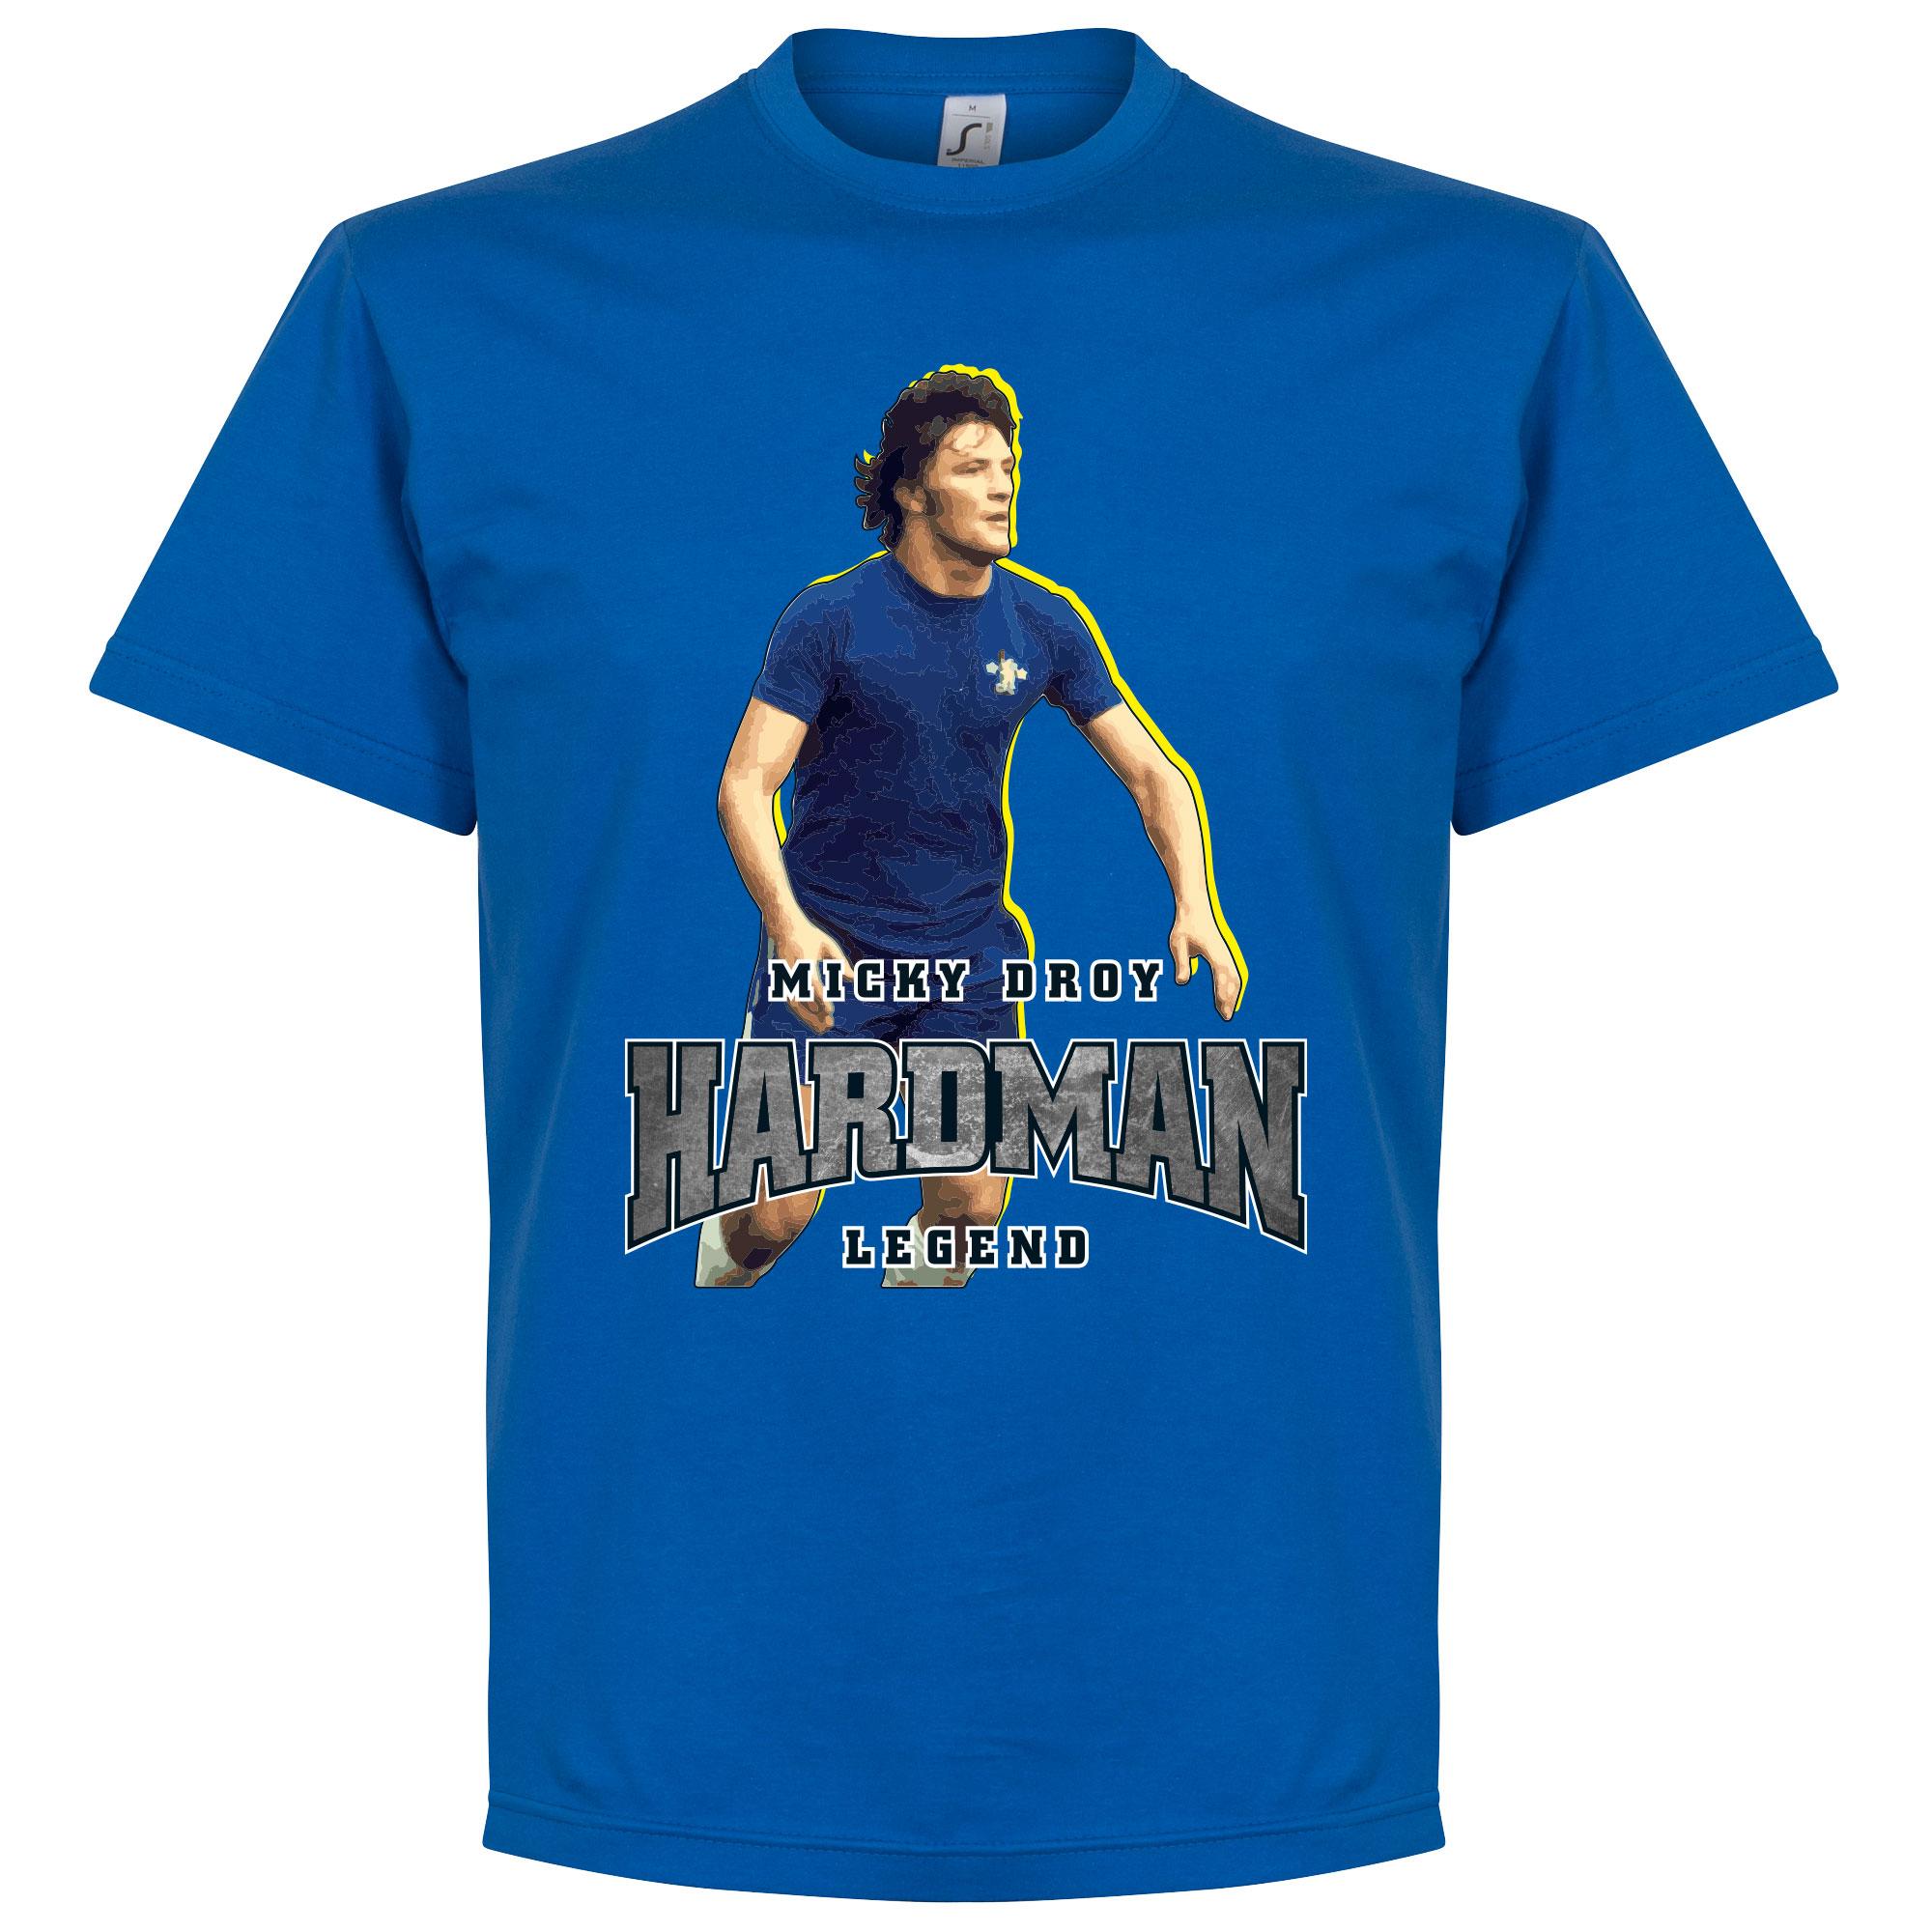 Micky Droy Hardman T-Shirt